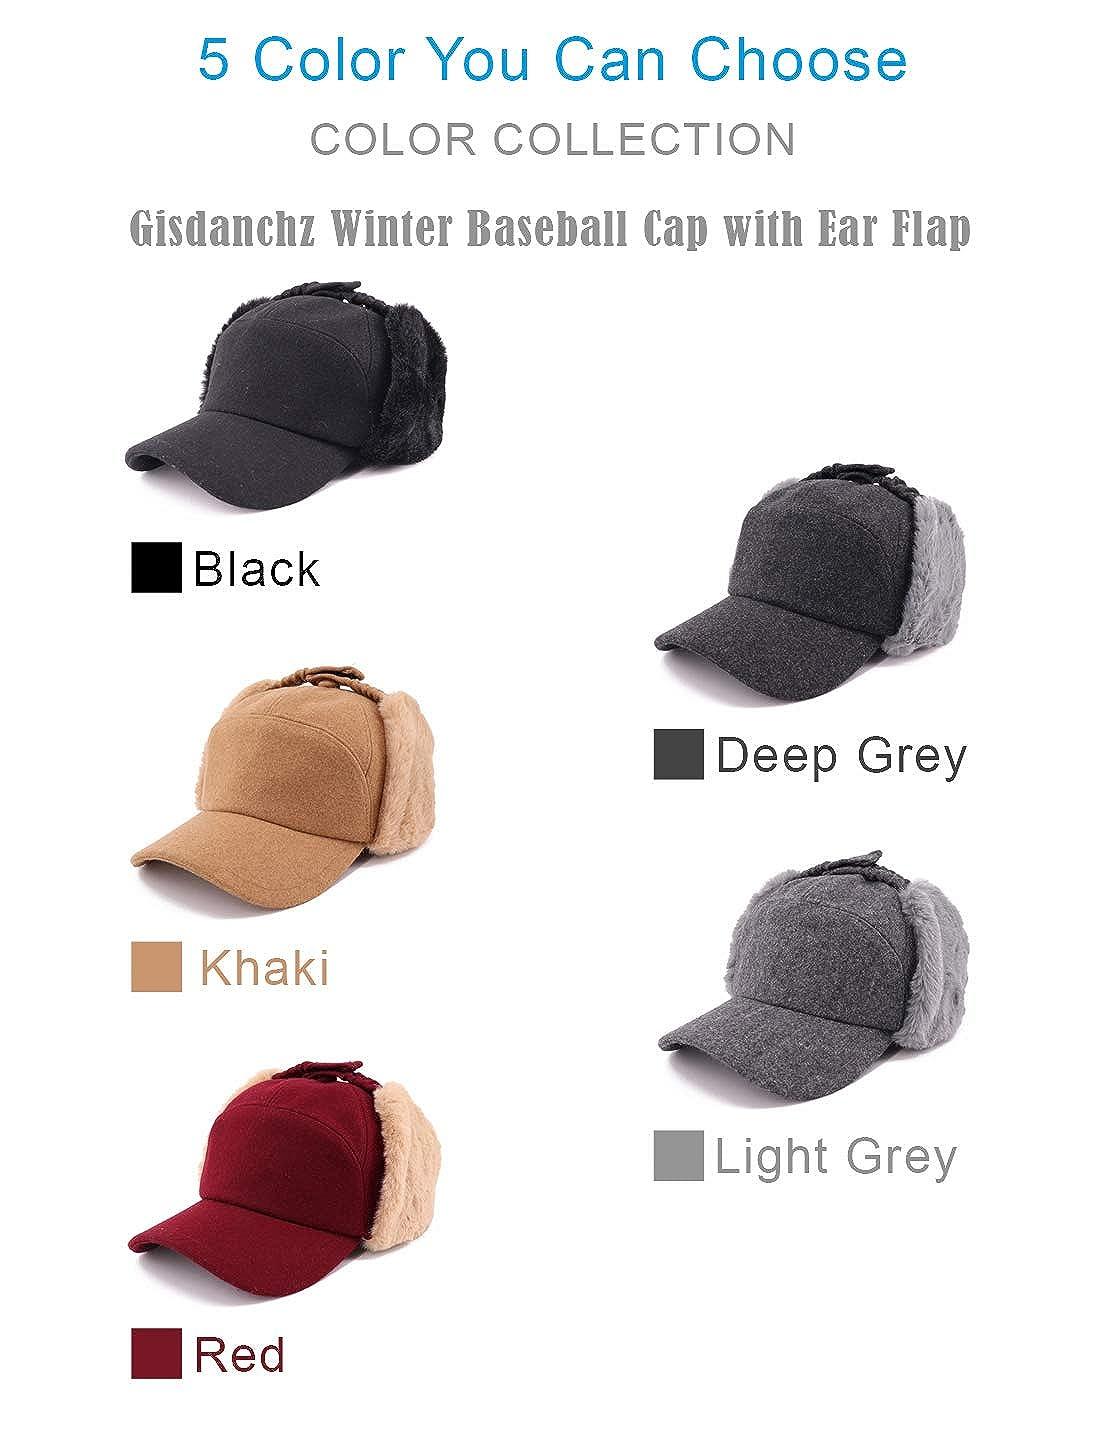 Gisdanchz Winter Cap with Ears Woolen Hat Men Visors Black Sport Cap Winter  Fashion Baseball Cap Warm Winter Baseball Cap Men Snow Trapper Hunting Hat  ... faf5a8b23096